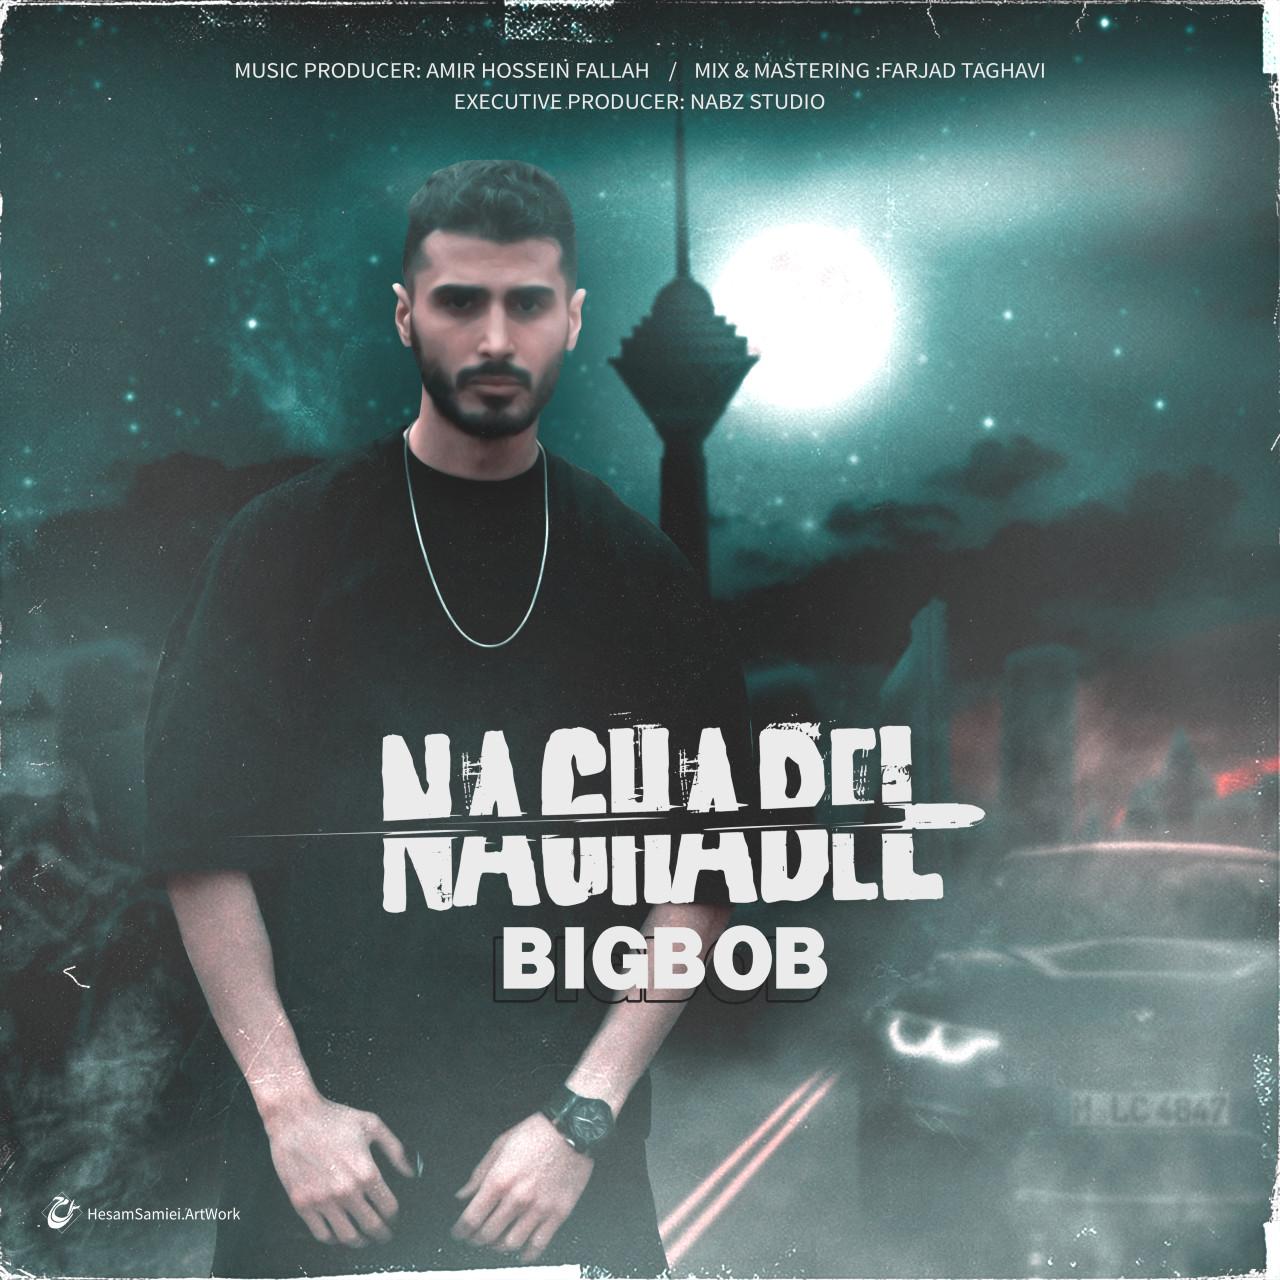 BigBob - Naghabel